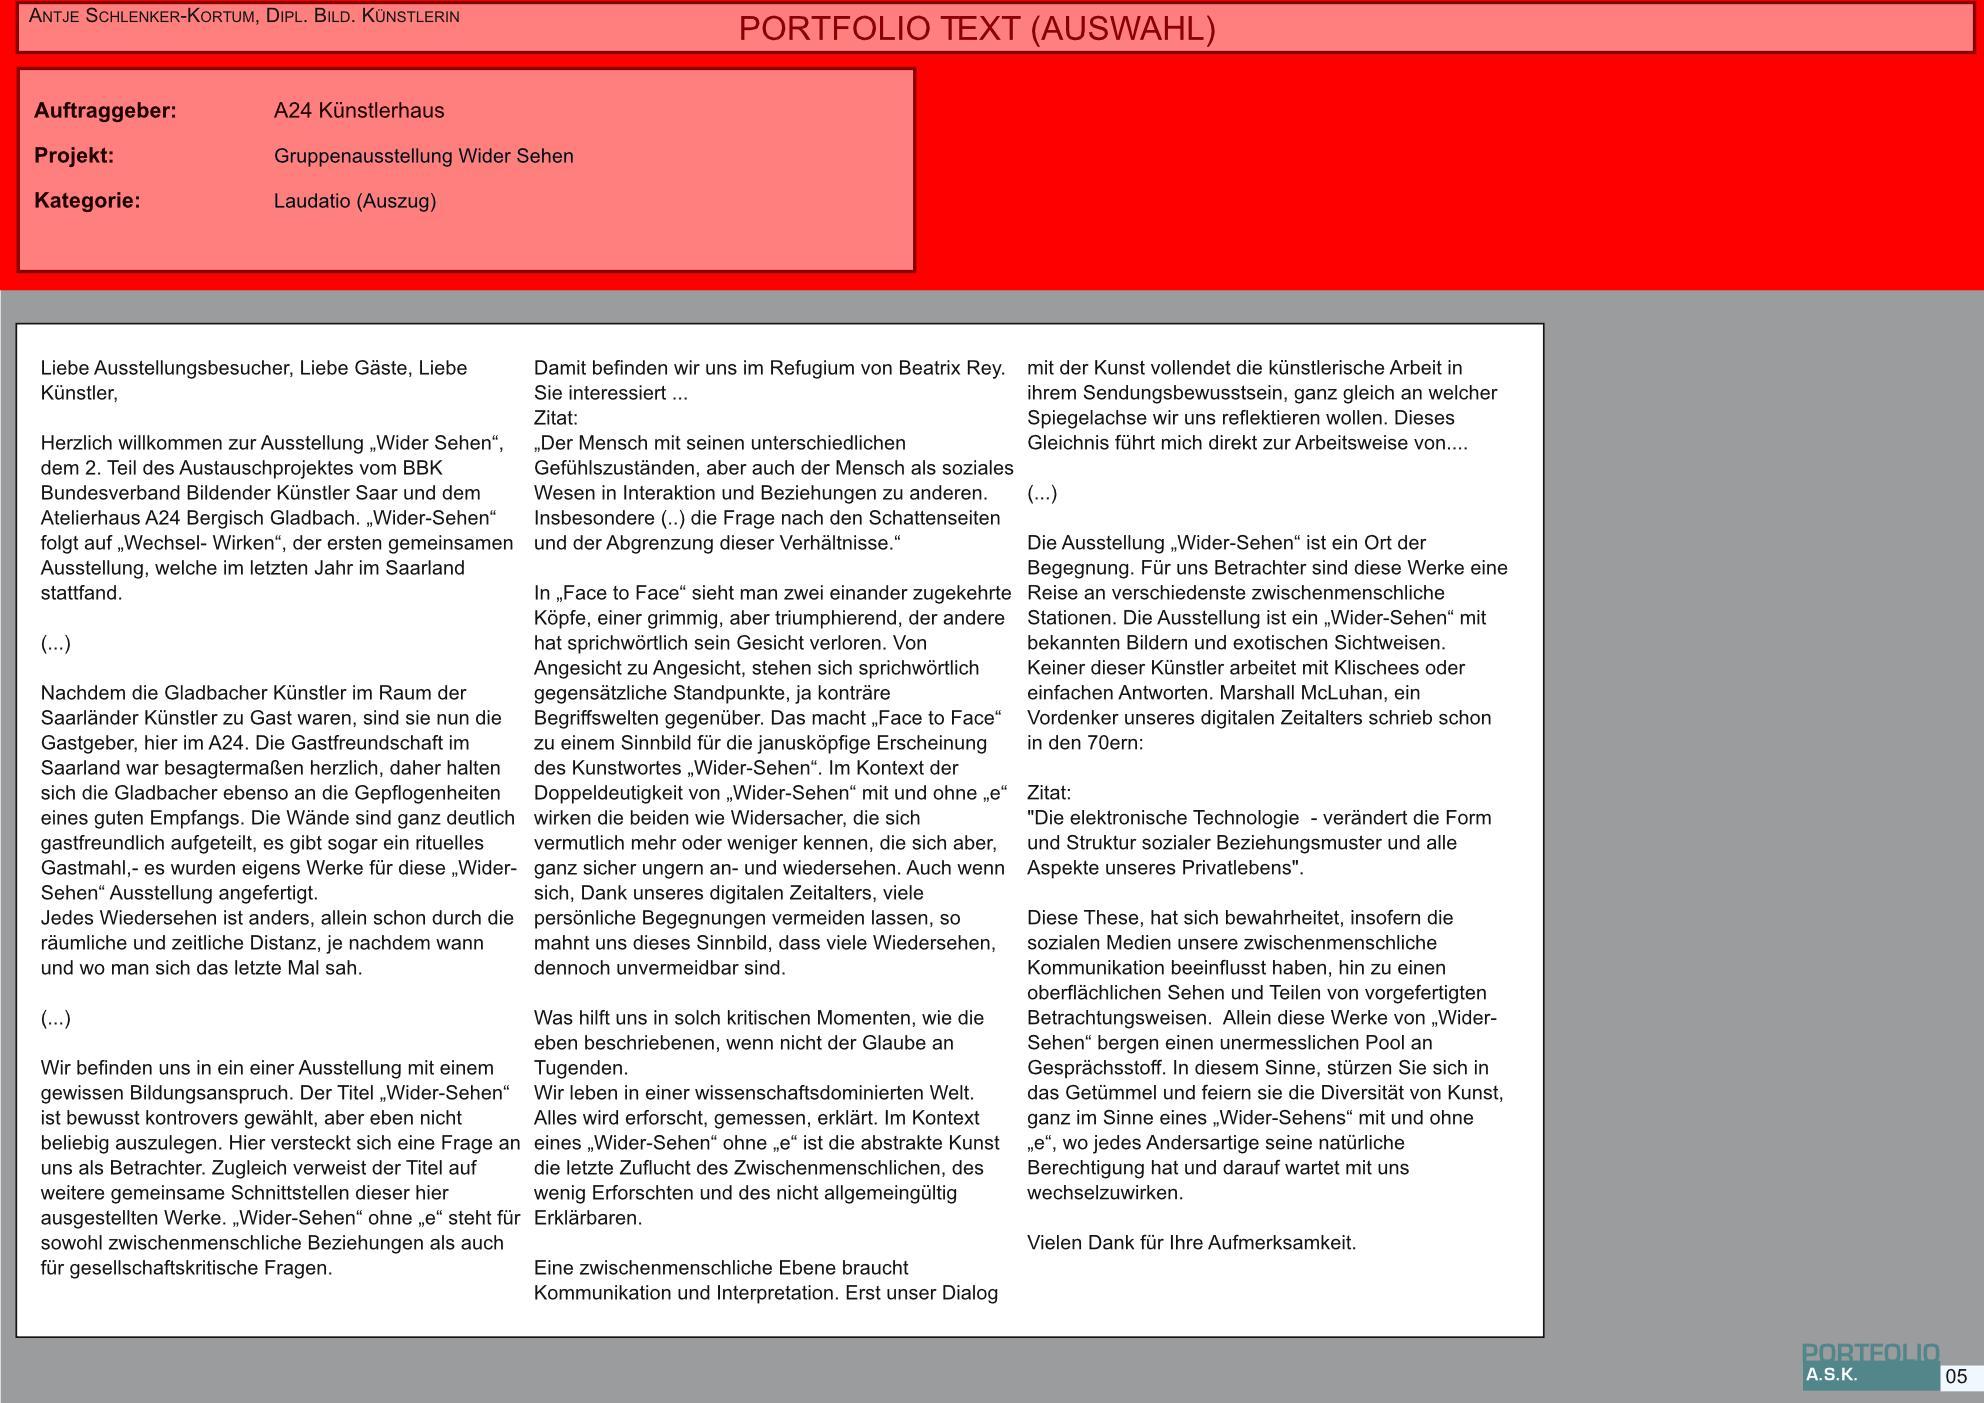 BG_Portfolio_text-Seite005